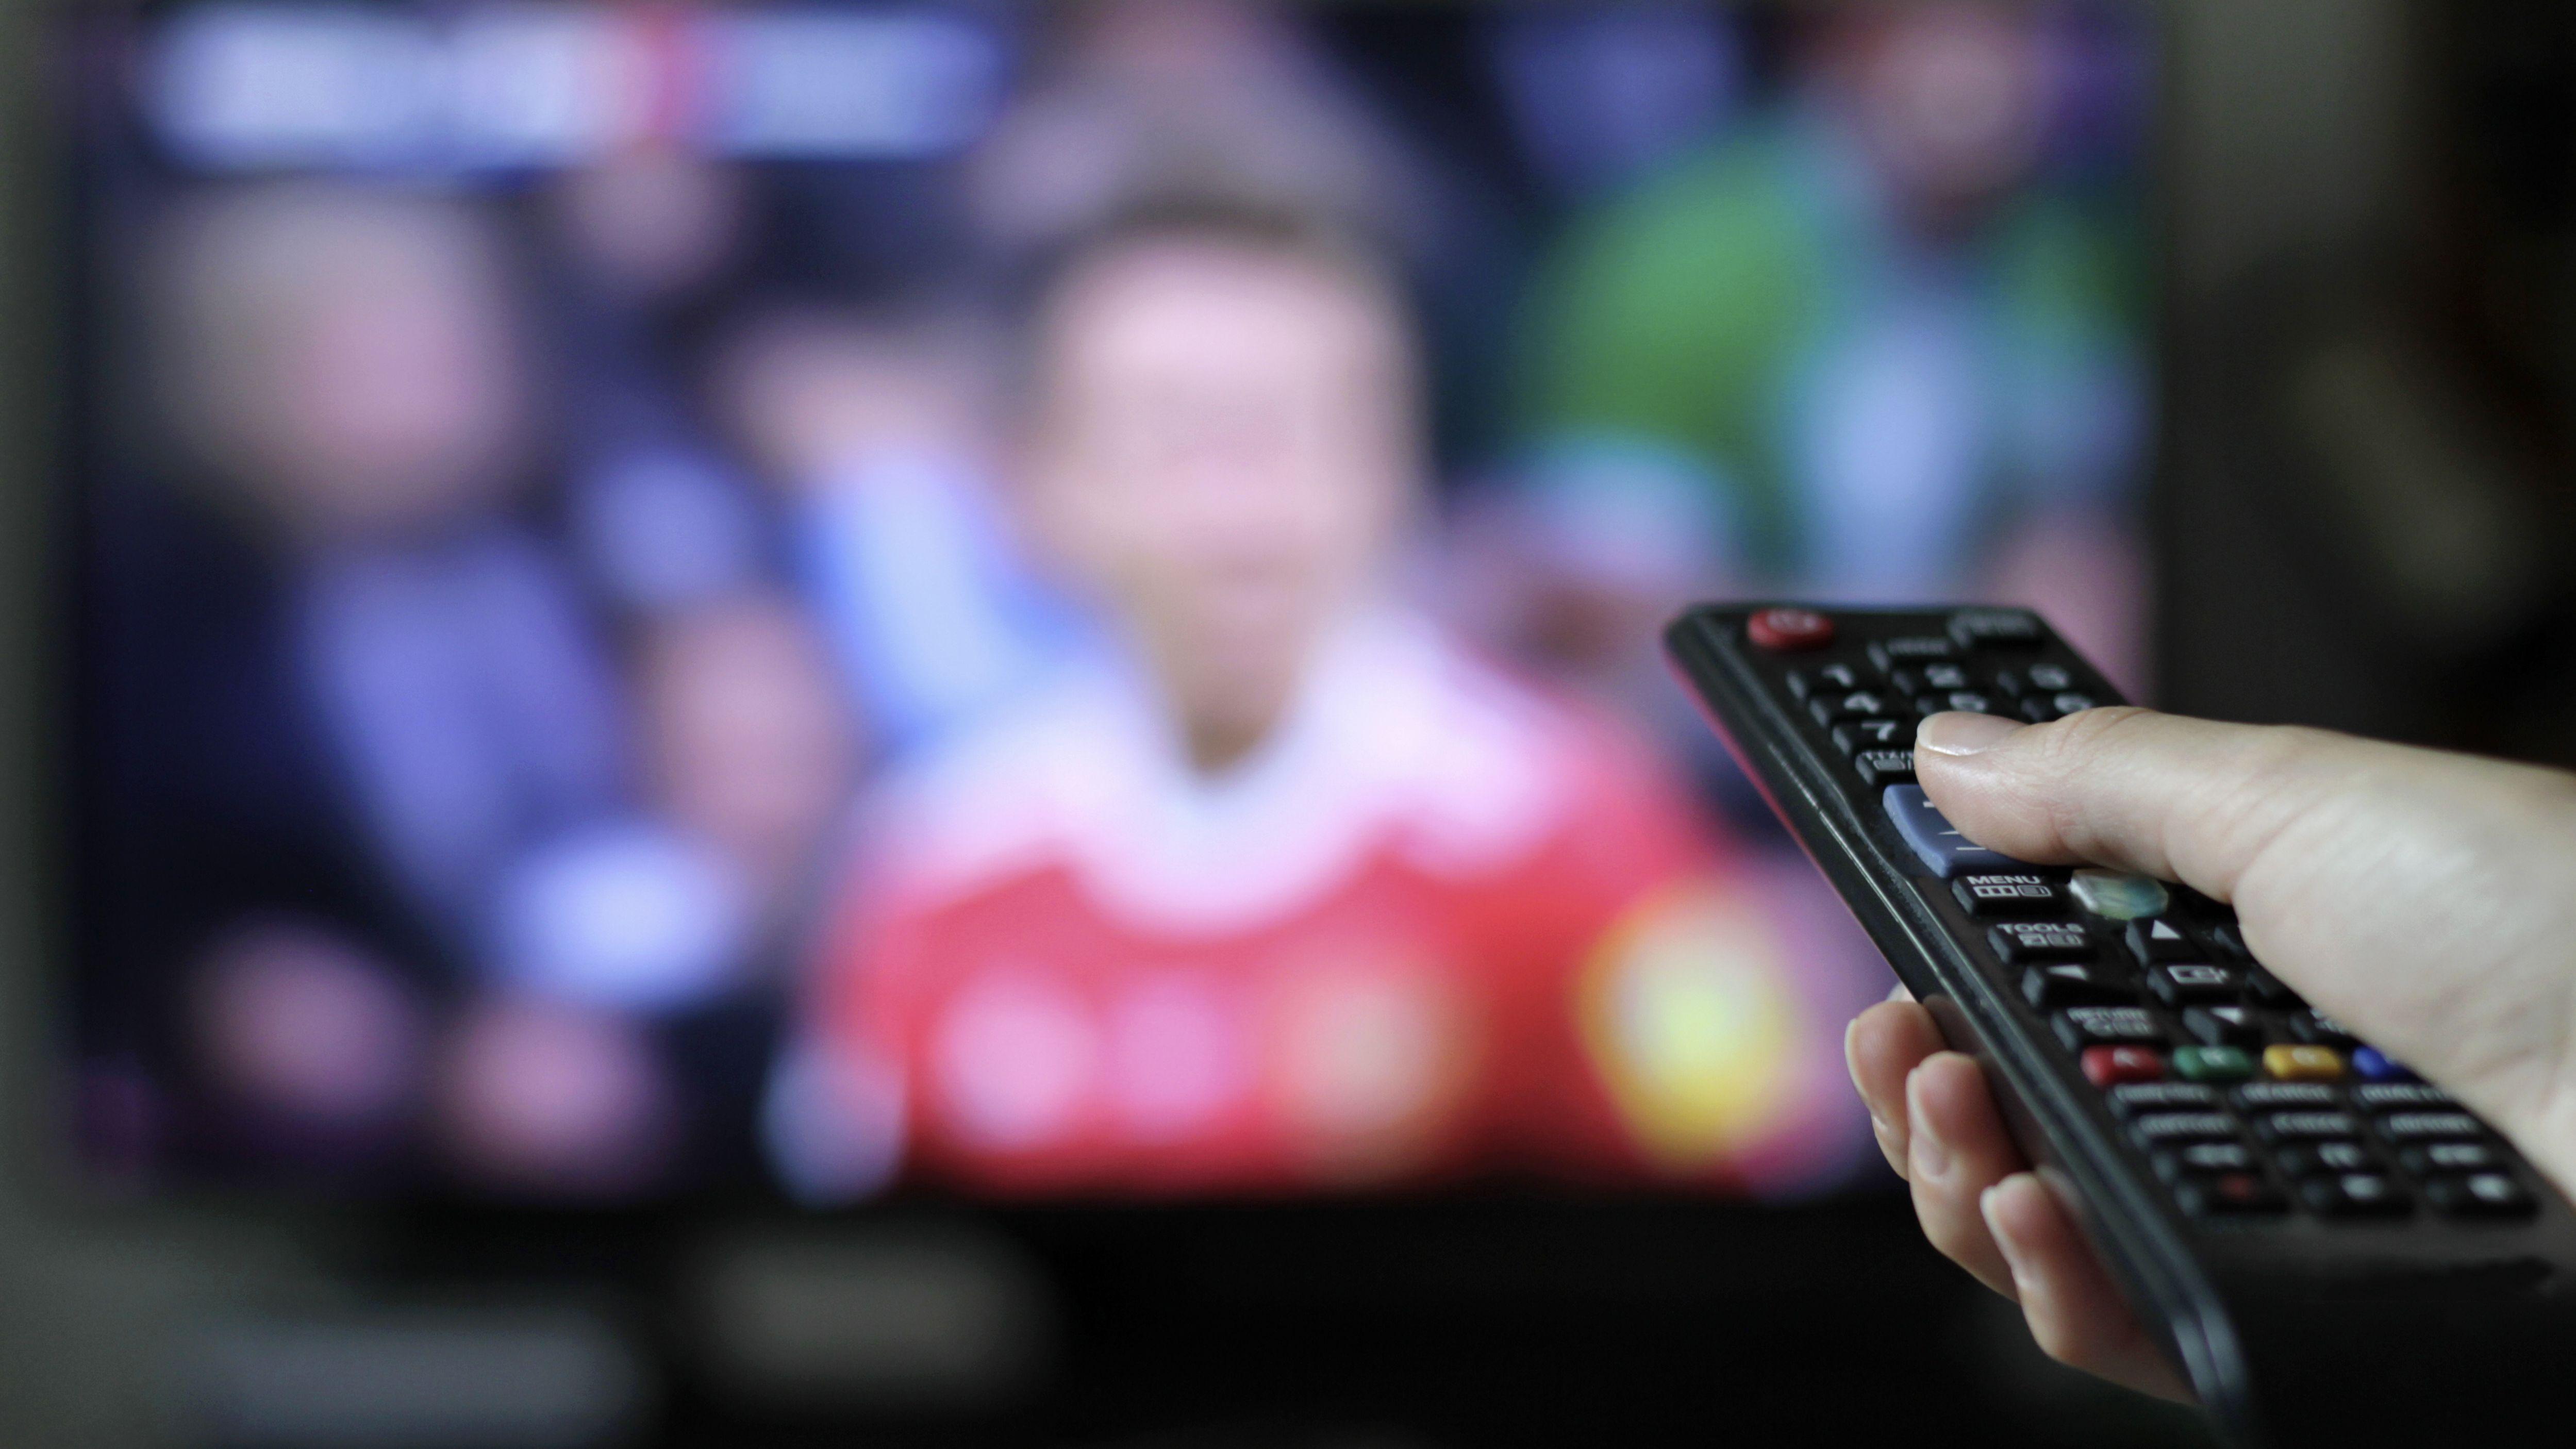 Jetzt offiziell: Deutsche Telekom sichert sich exklusive TV-Rechte für Fußball-EM 2024